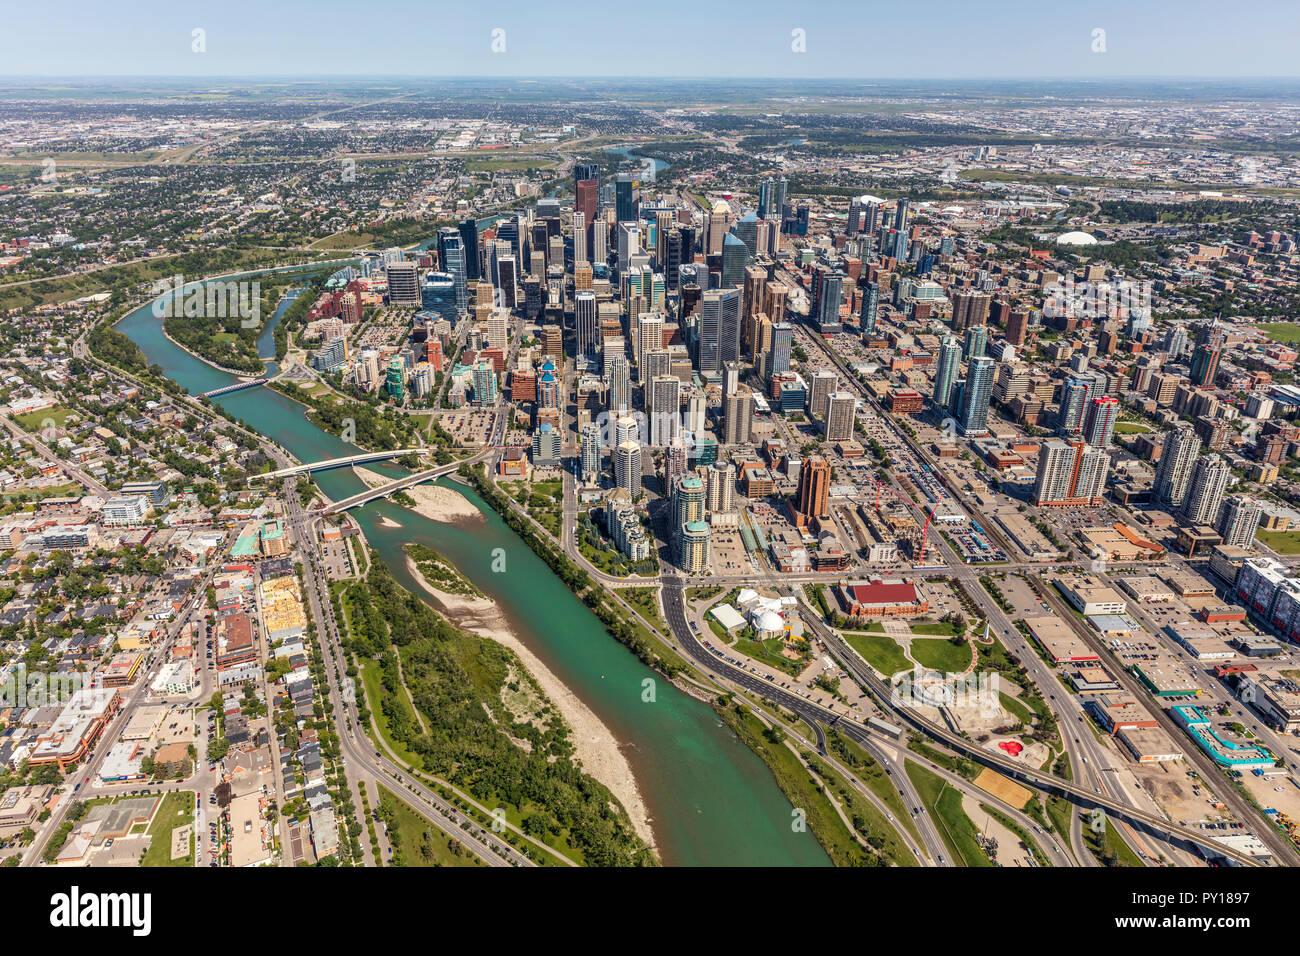 Vista aerea del centro città di Calgary da elicottero in estate. Immagini Stock